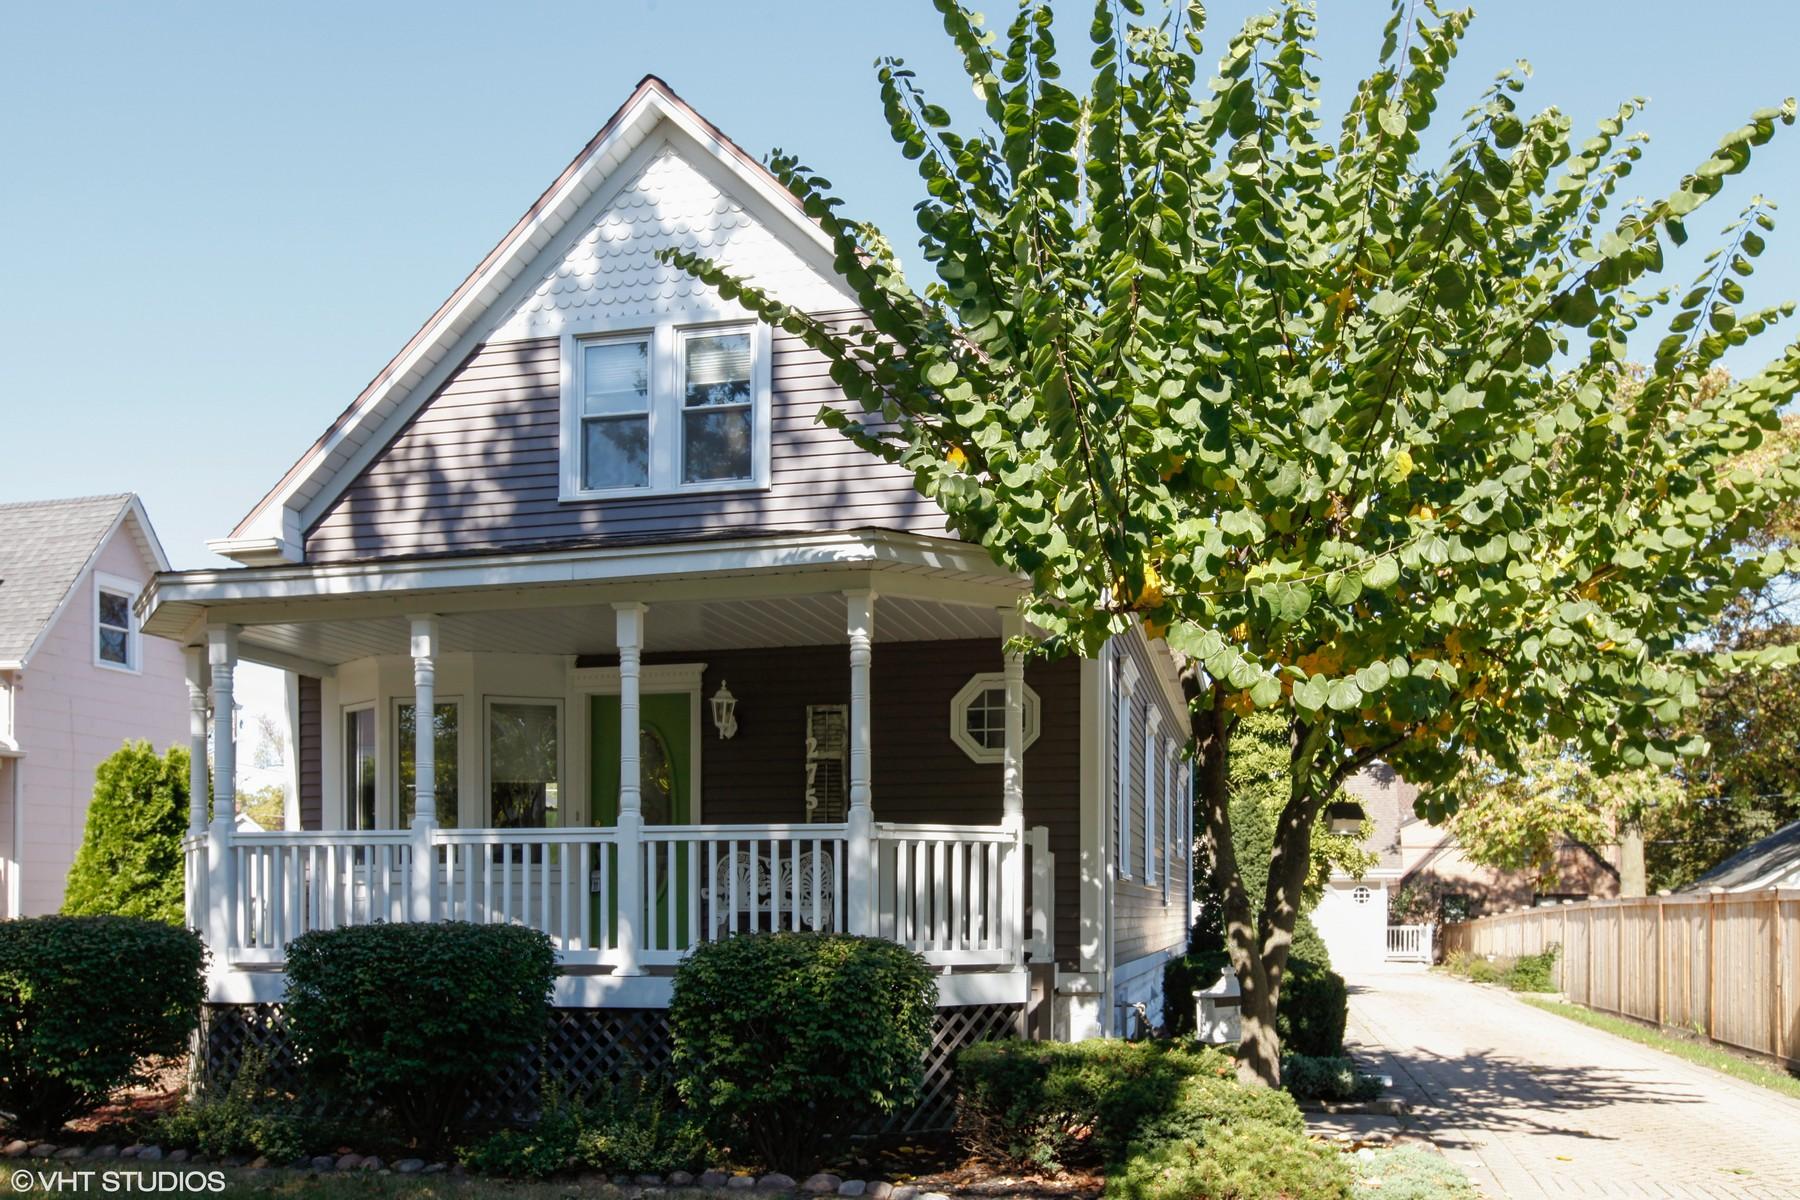 獨棟家庭住宅 為 出售 在 275 E. Third 275 E. Third St. Elmhurst, 伊利諾斯州, 60126 美國